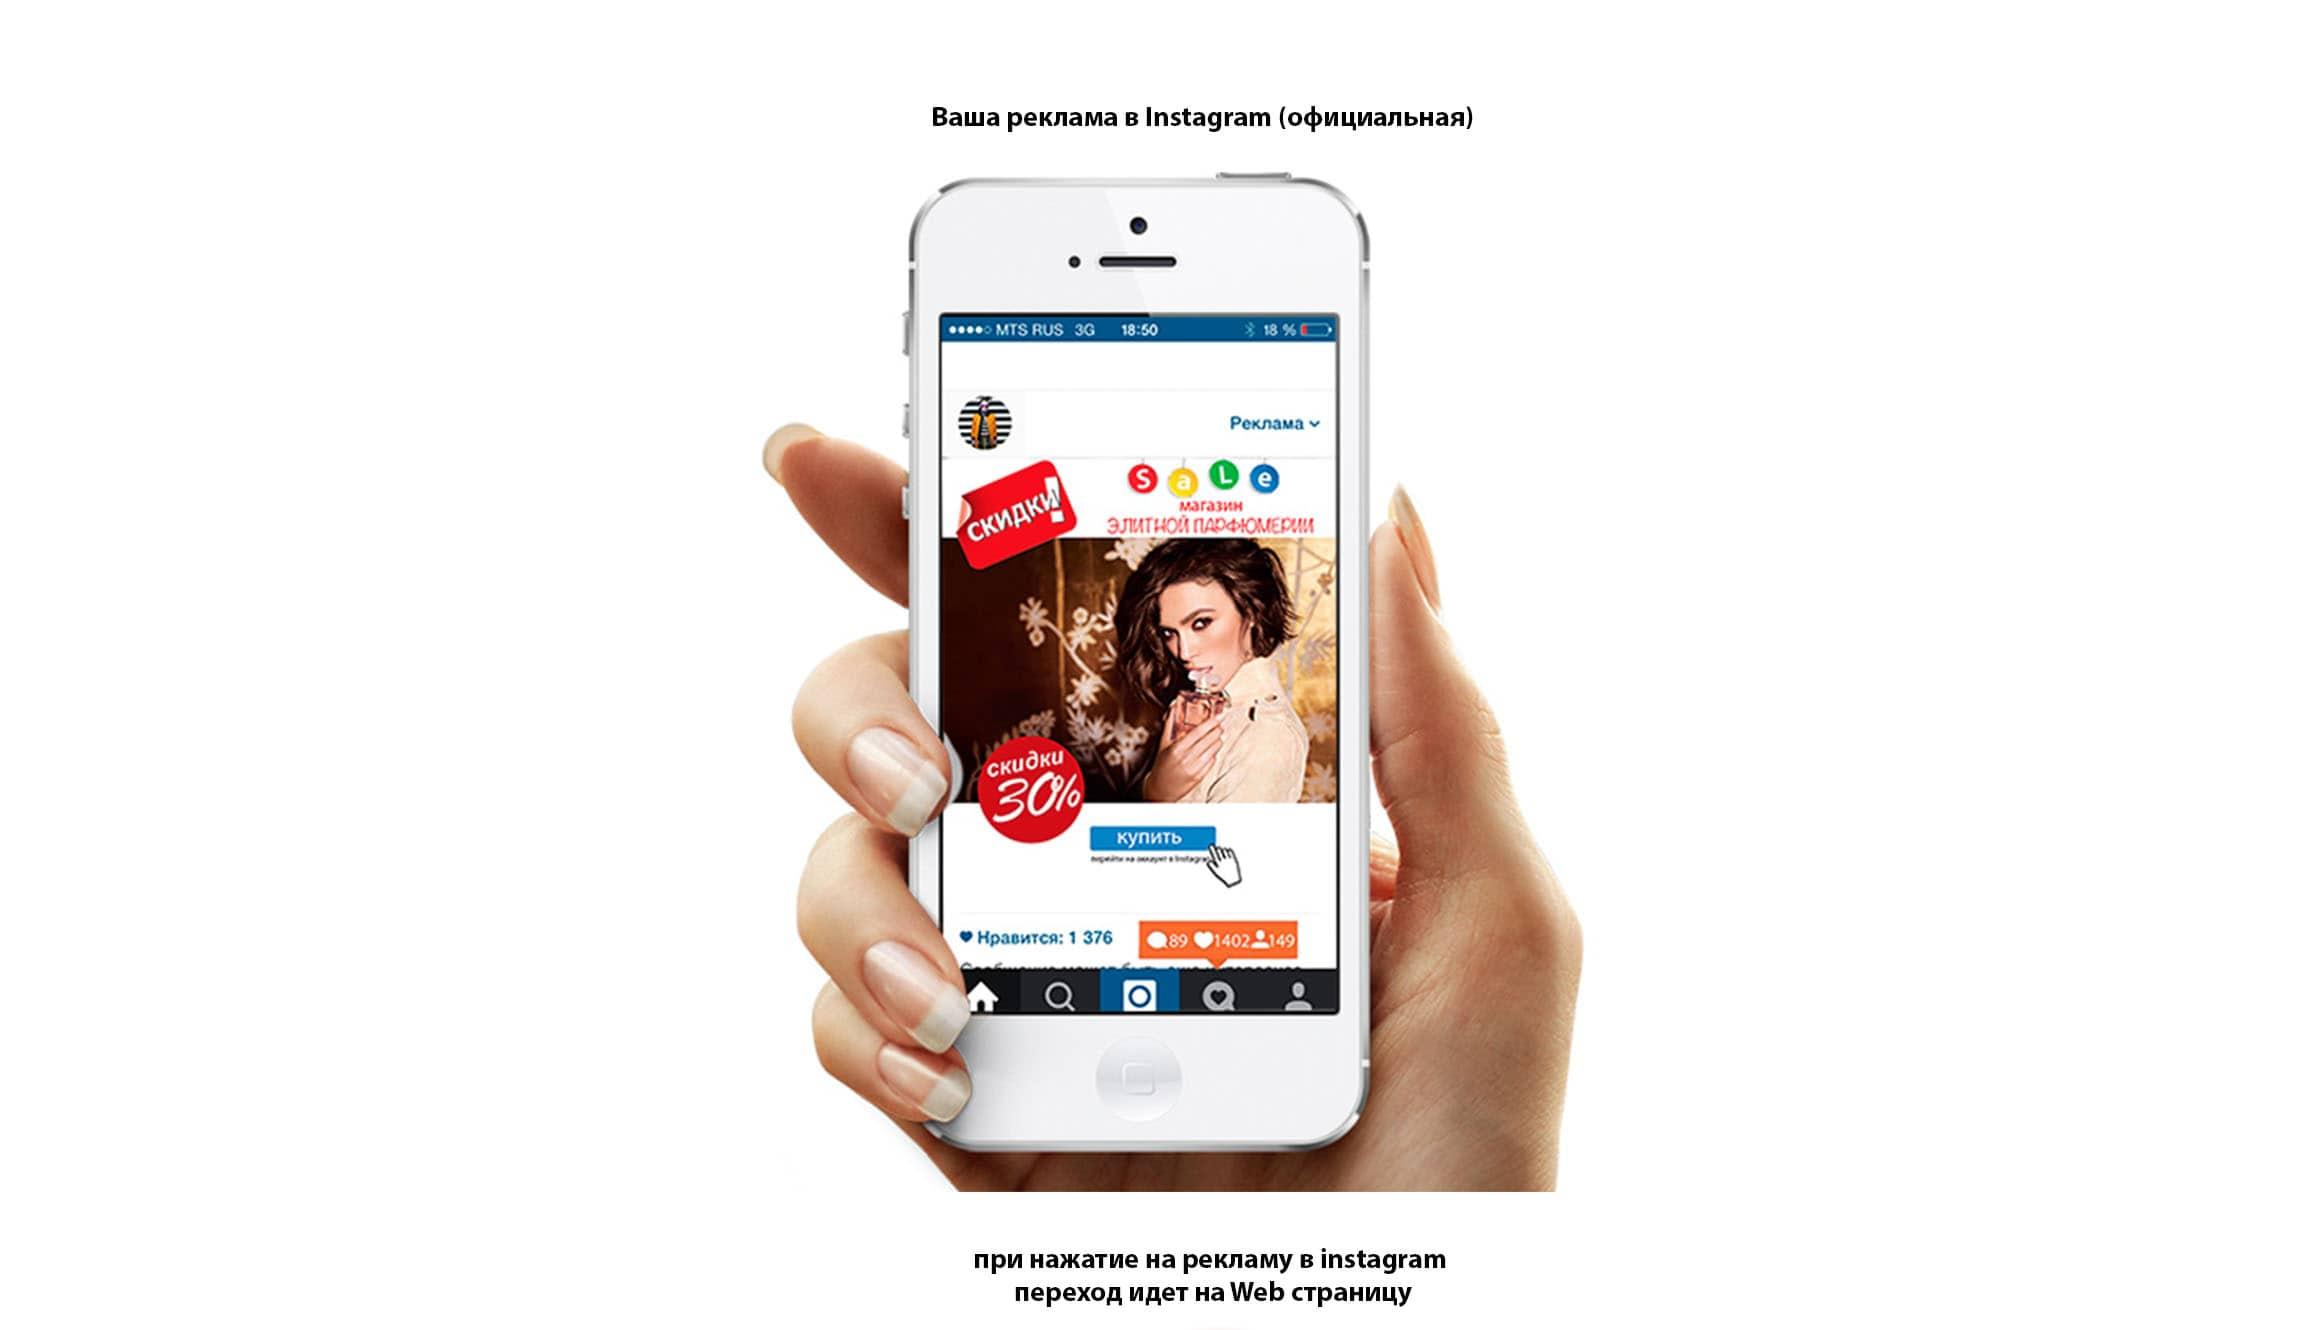 Официальная реклама Instagram разместить